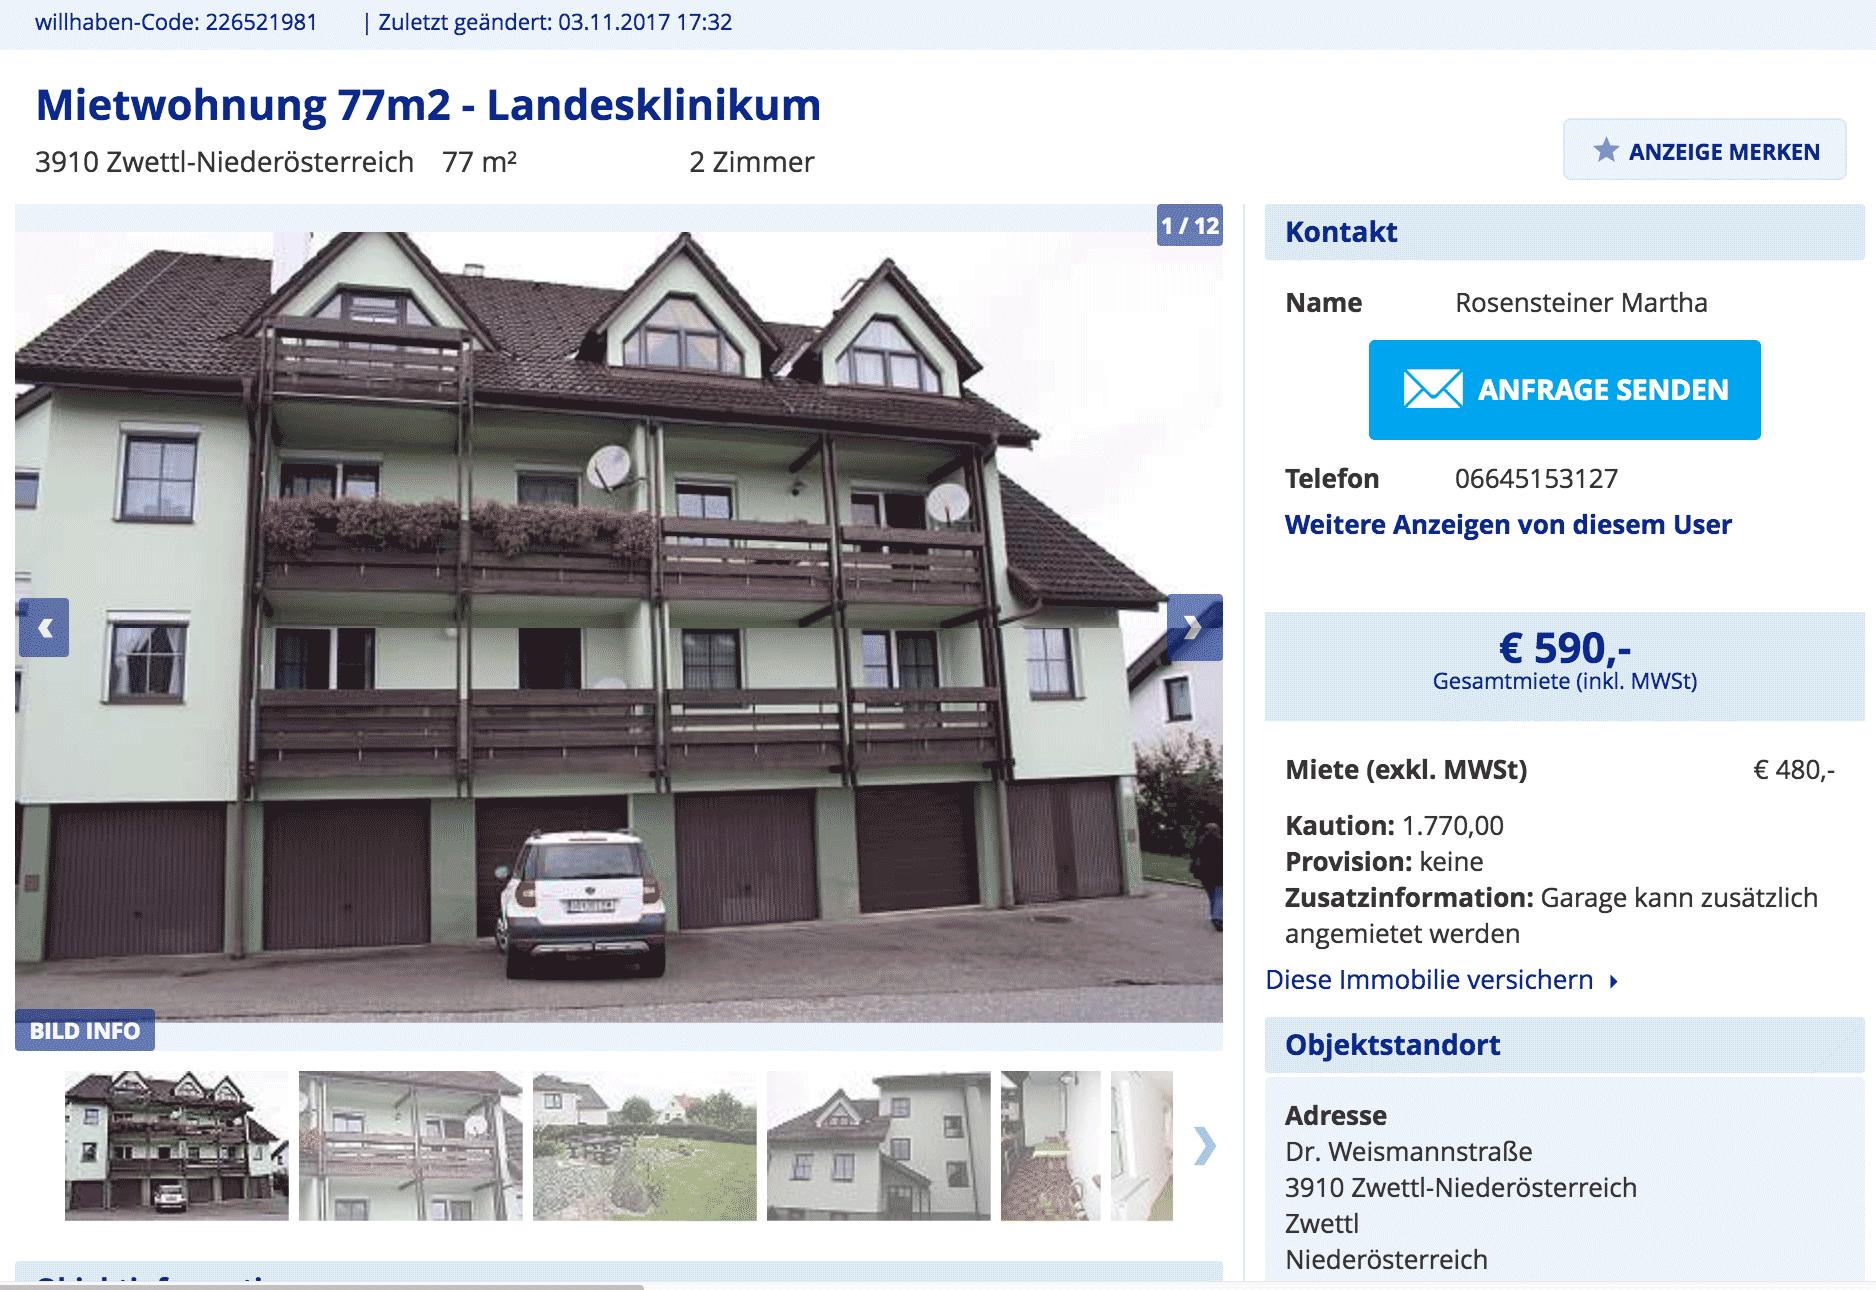 590€ в месяц стоит аренда двухкомнатной квартиры в многоквартирном доме